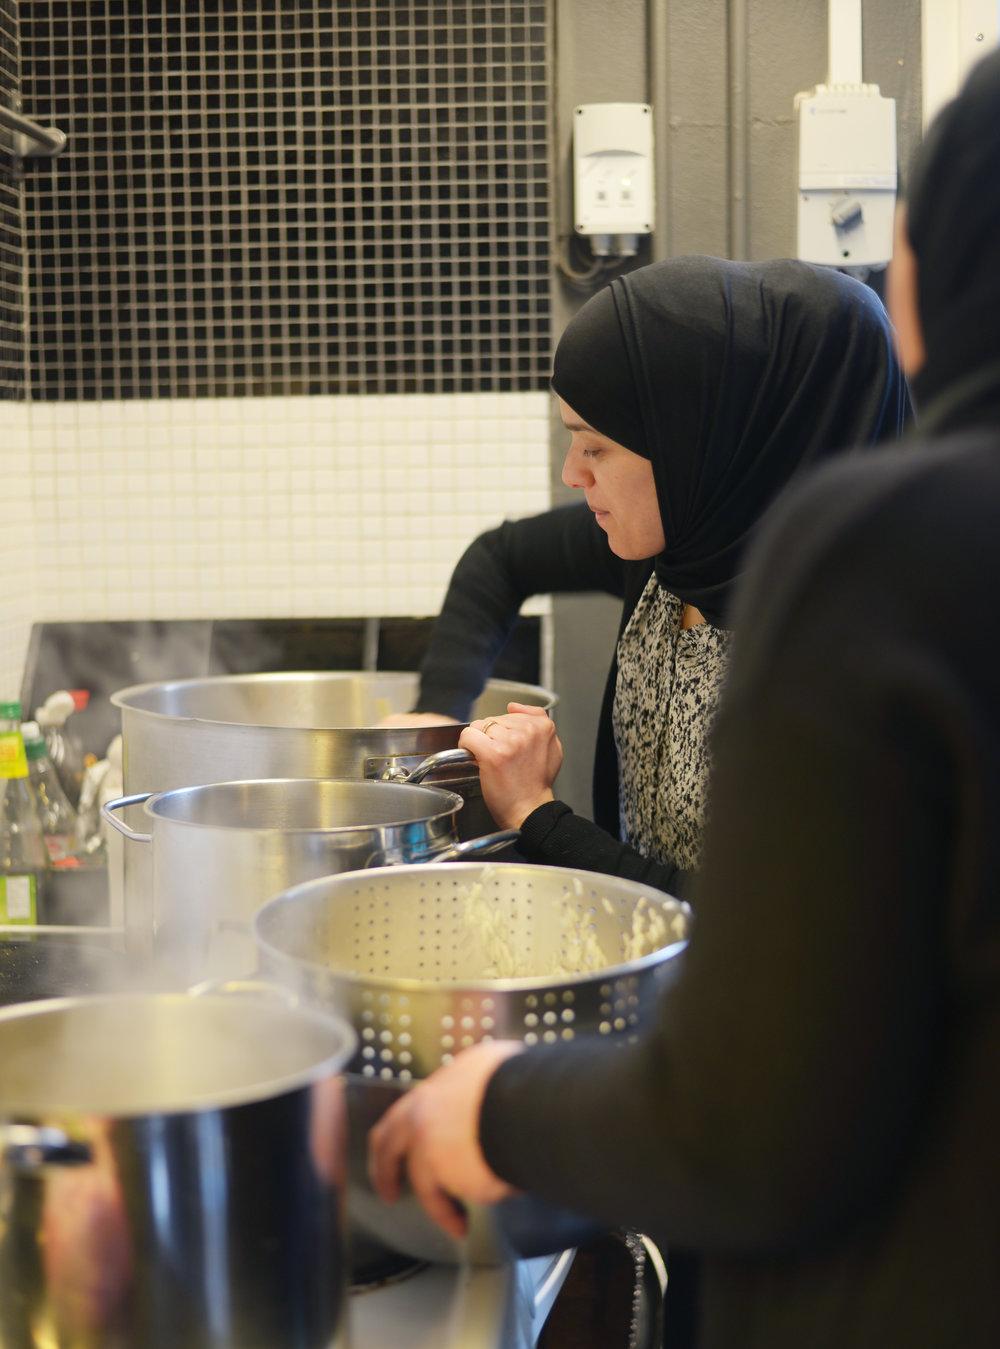 Vores fællesskab vokser, og det samme gør presset på vores køkken! Vi drømmer om et køkken med plads til et helt madlavningshold, hvor der ikke er nogen ødelagte kogeplader, og med en opvaskemaskine som ikke er 45 minutter om at blive færdig. Hvis du donerer 500 kr., kan du hjælpe os med at investere i et nyt køkken.